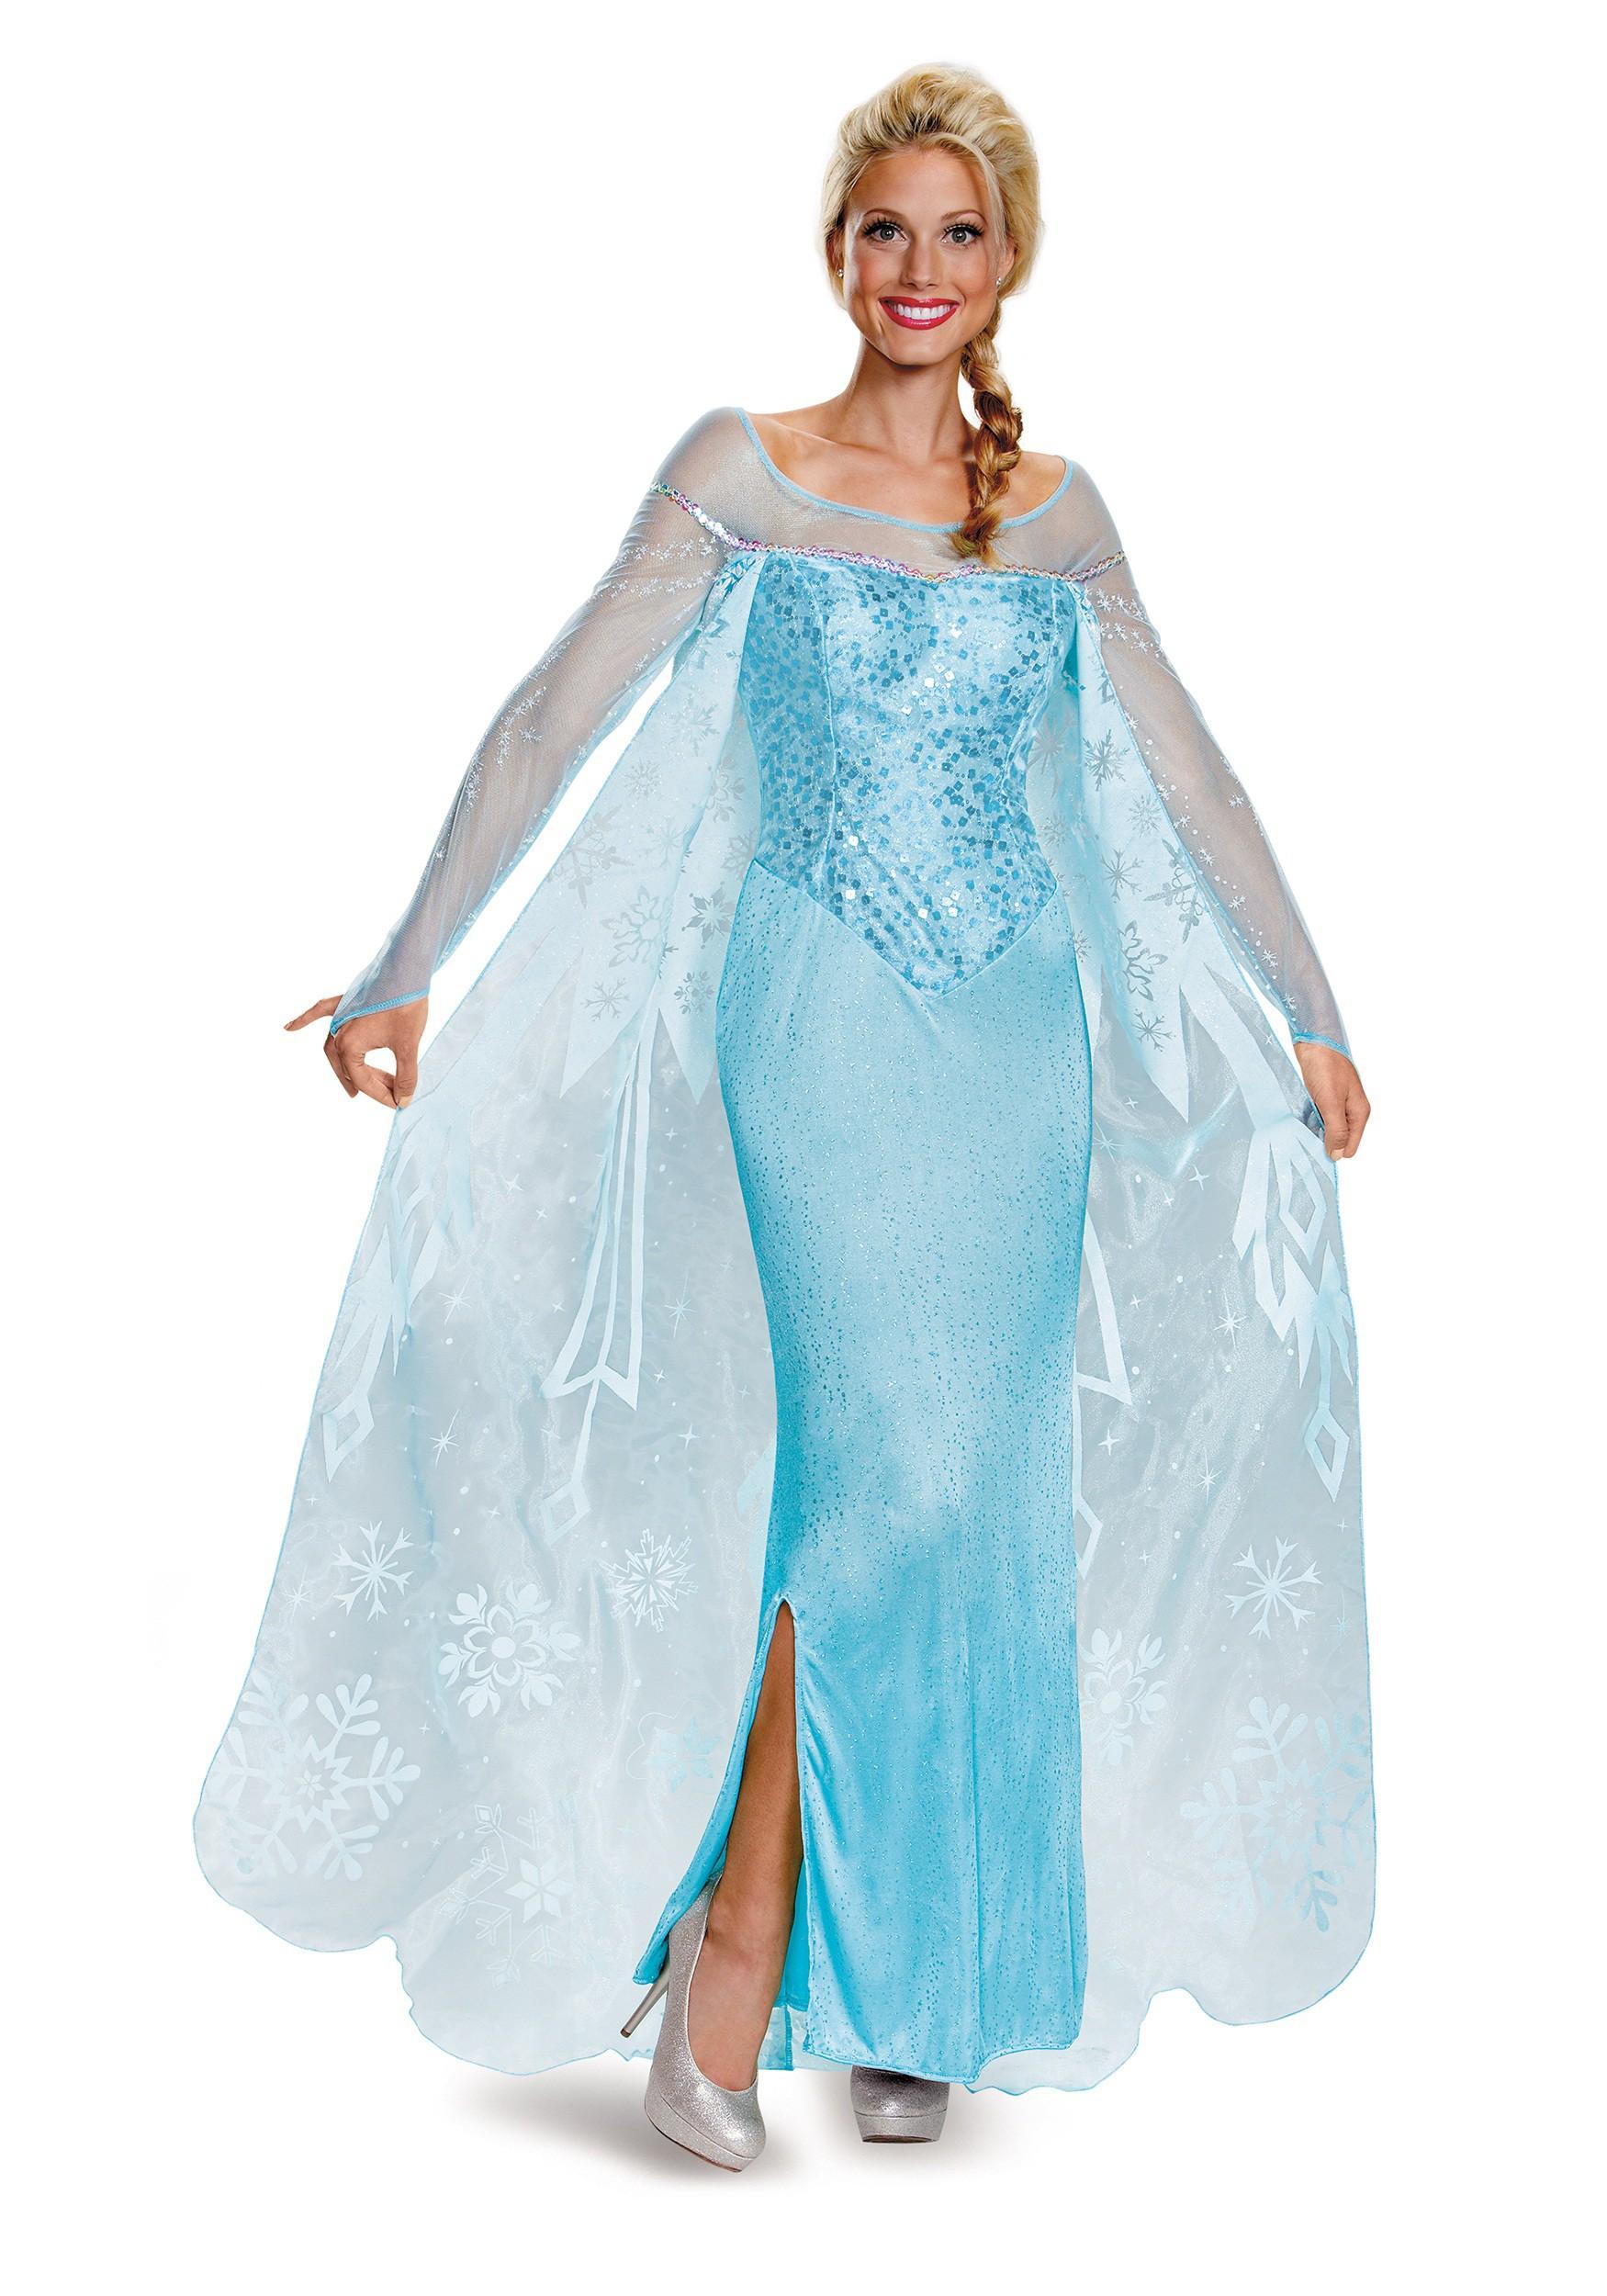 Queen Elsa Halloween costume